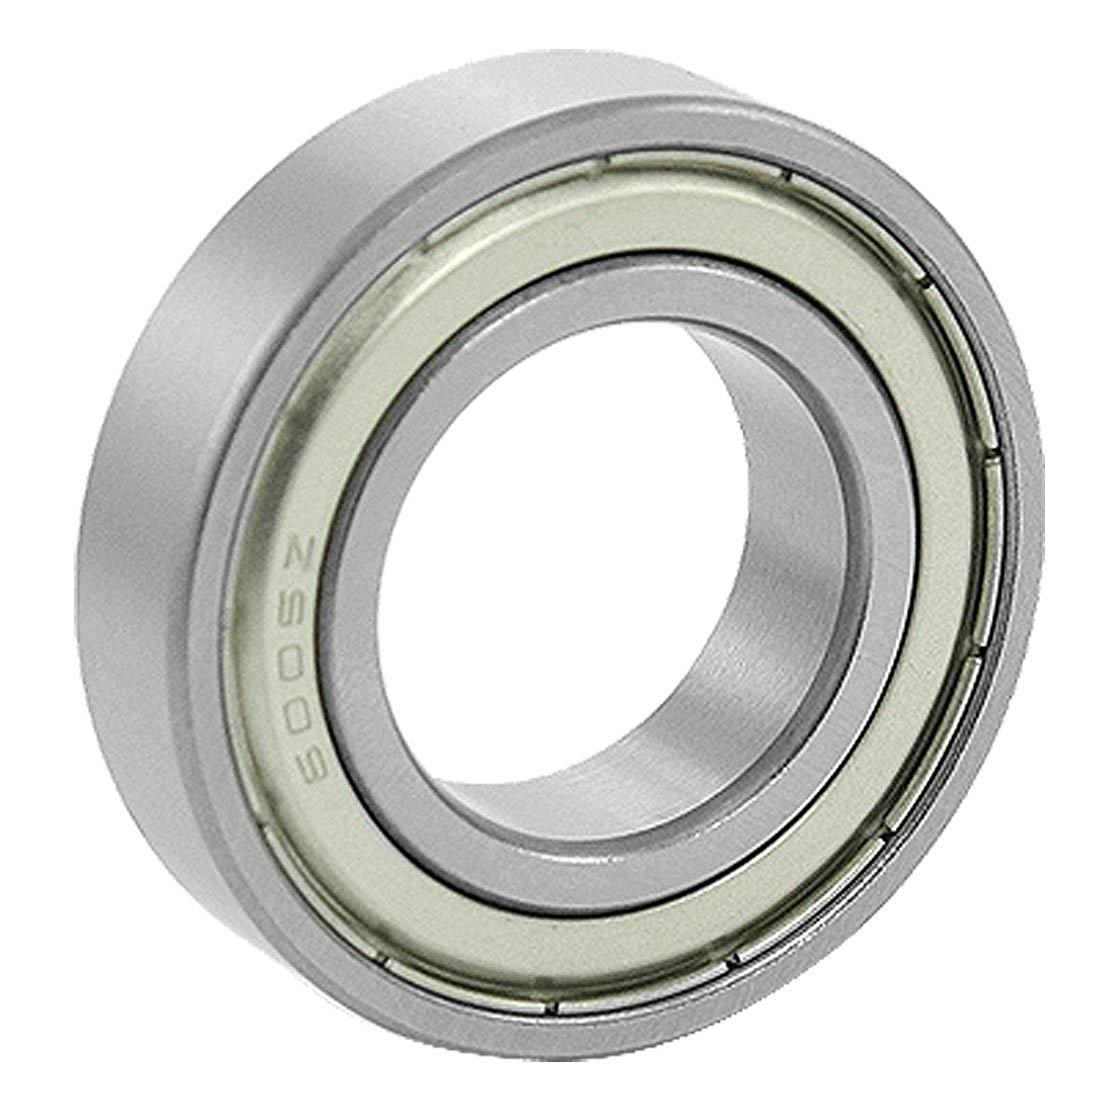 Bifi Горячая 25 мм id 47 мм диаметр 12 мм Ширина радиальный двойной экранированный ось колеса шарикоподшипник 6005z